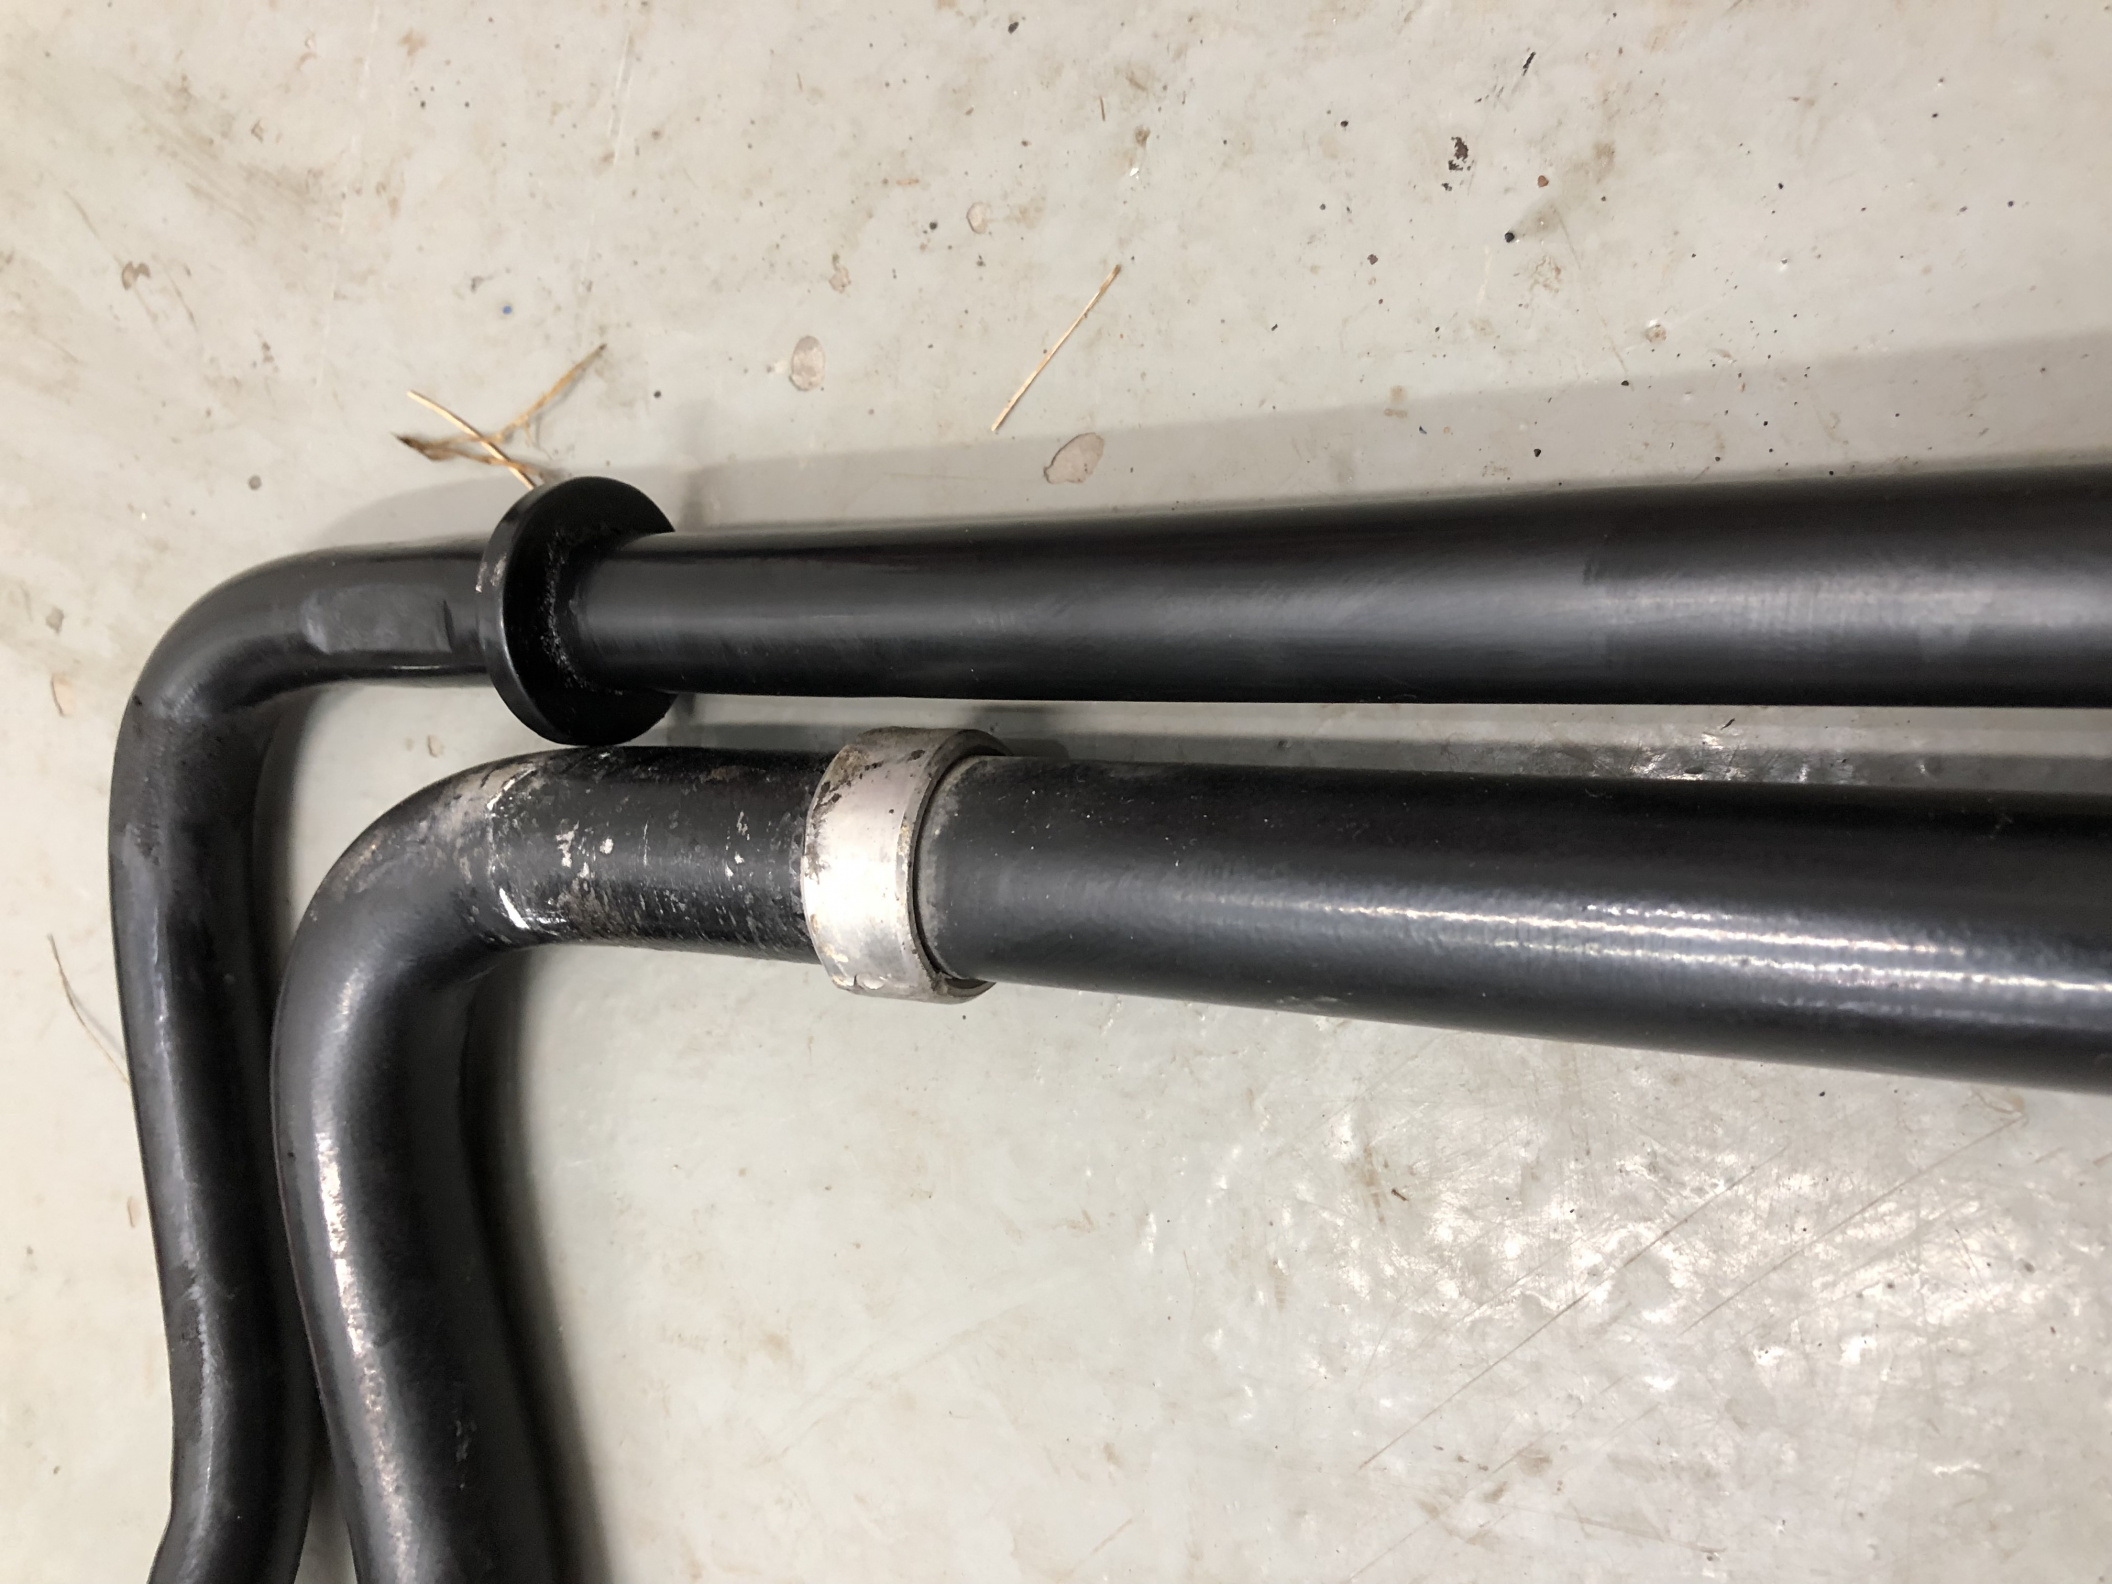 MazdaSpeed3 Rear Sway Bar (RSB)-1fe185c2-cb9c-4e4a-afa4-419905f62971.jpg